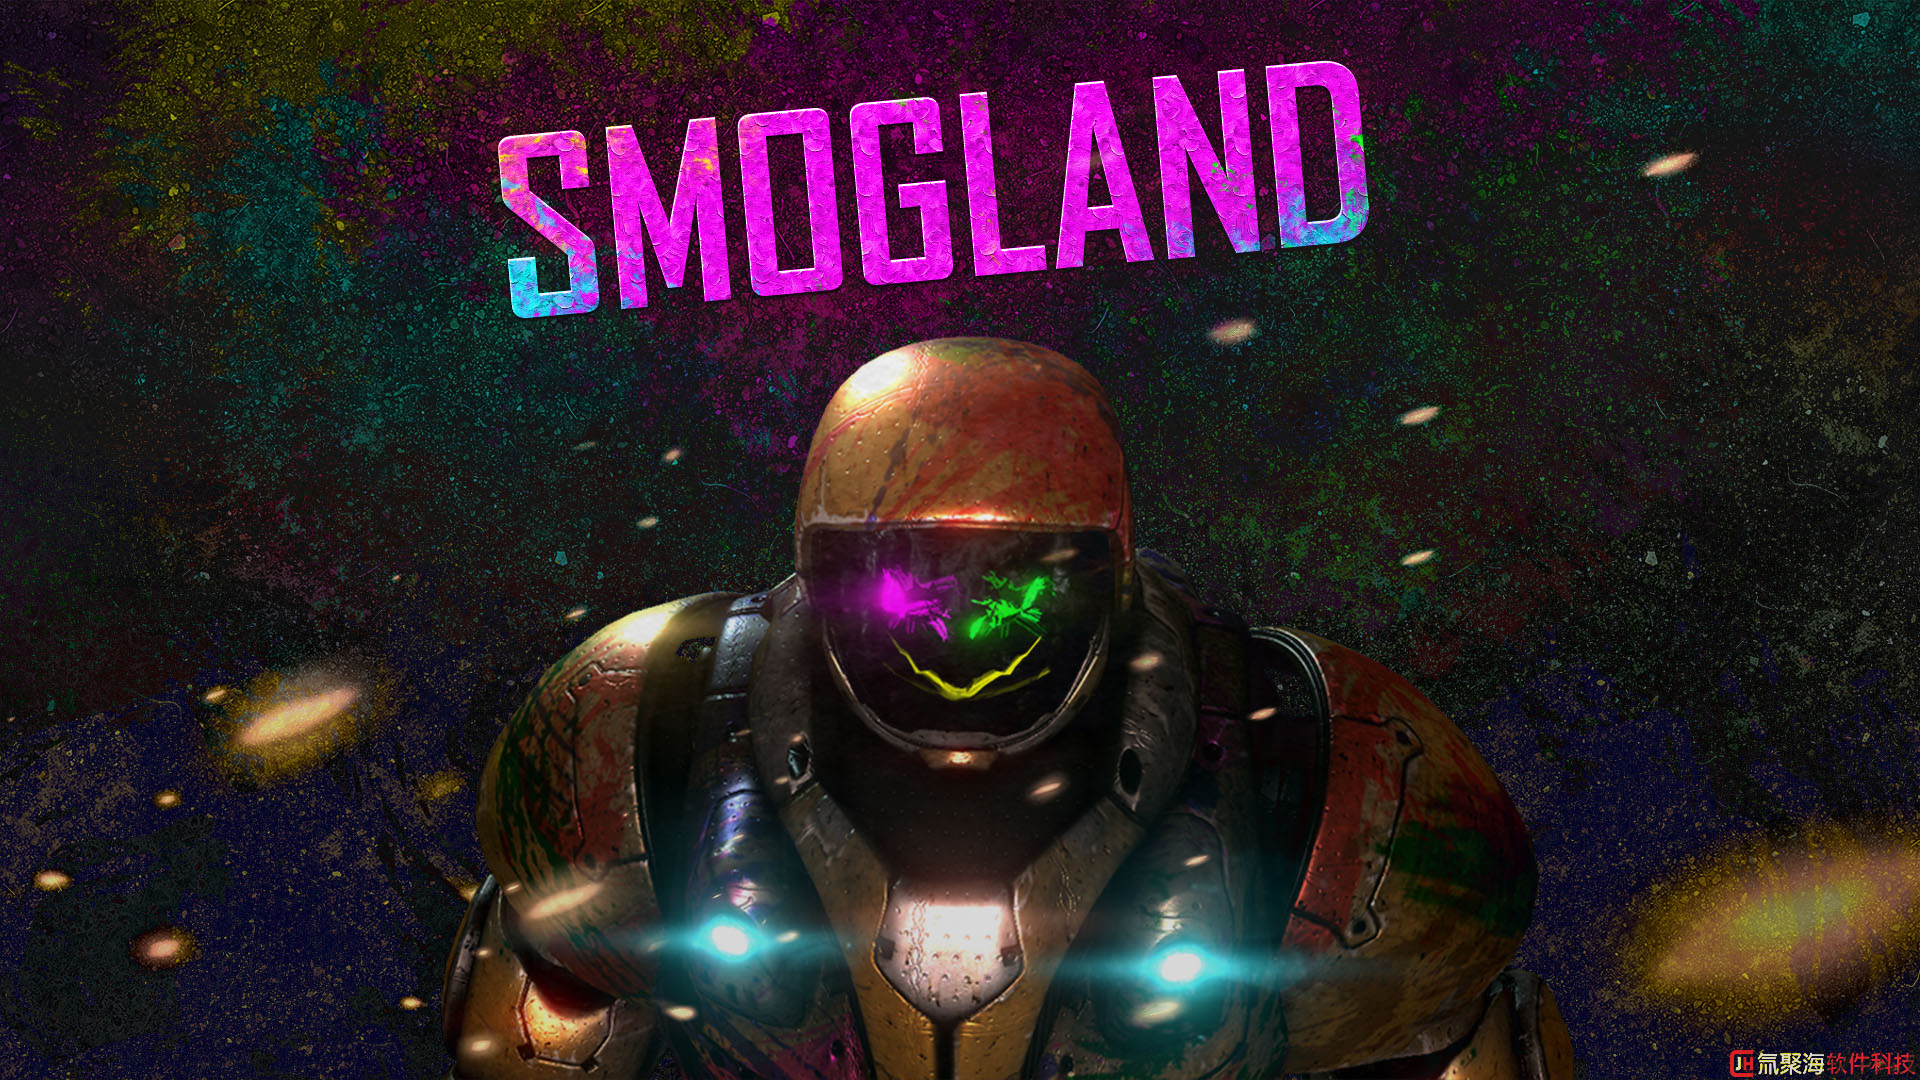 Smogland - 湮霾之地